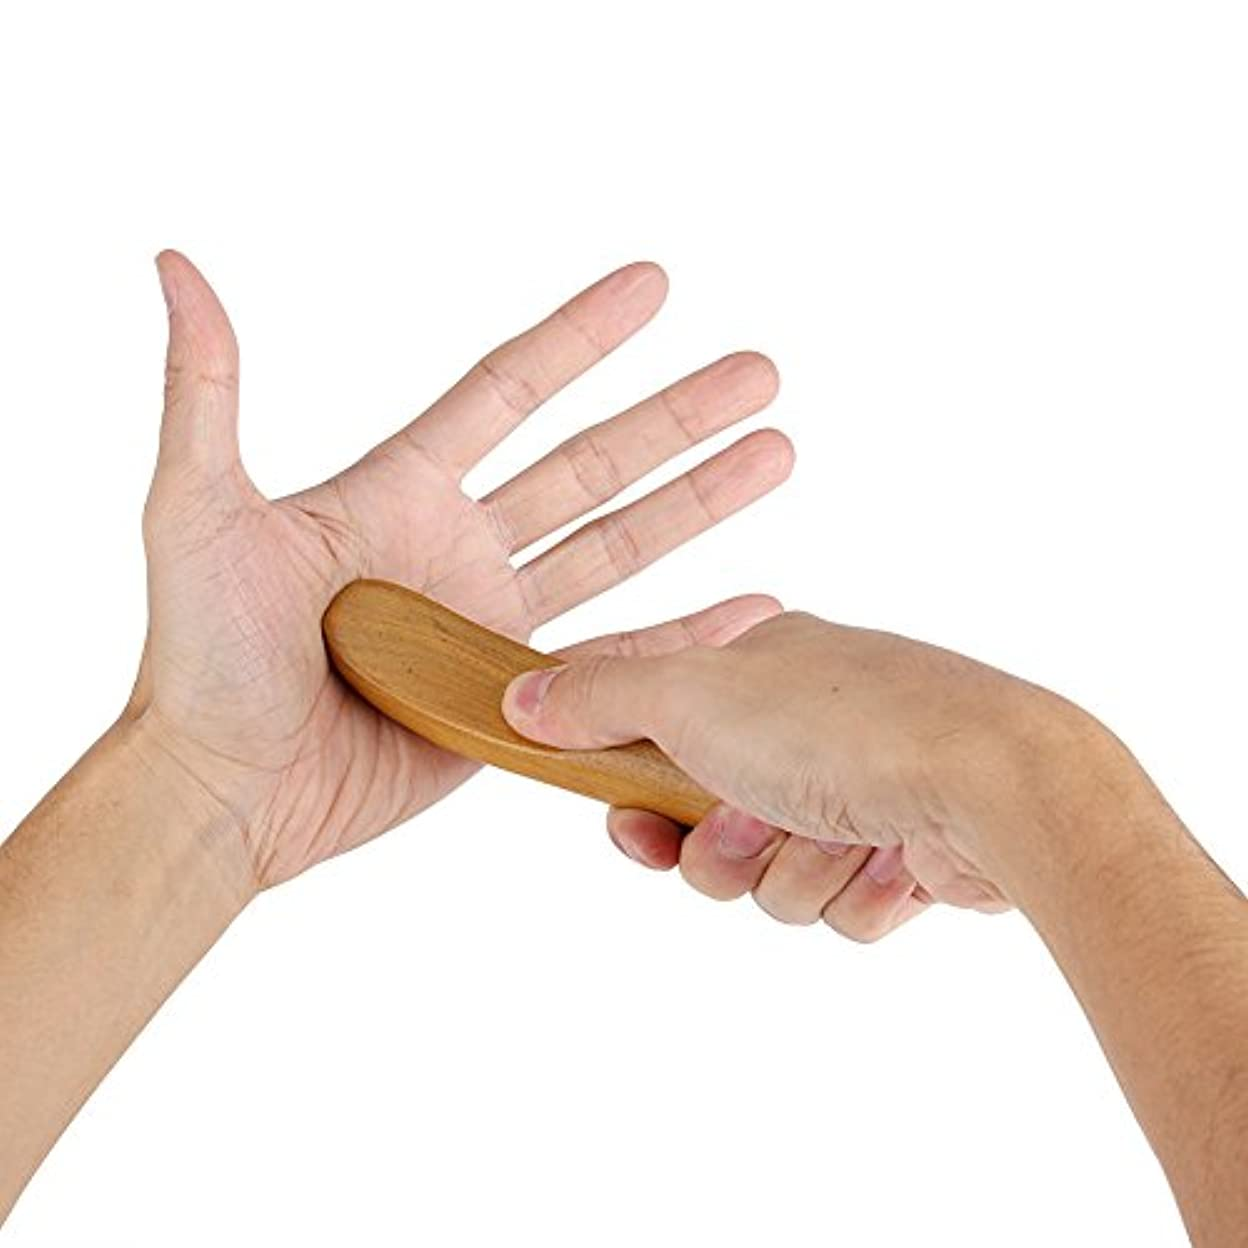 不名誉な羨望独立香りのよい木指圧ポイント子午線掻き寄せスティックミニフィンガーバックボディマッサージャー